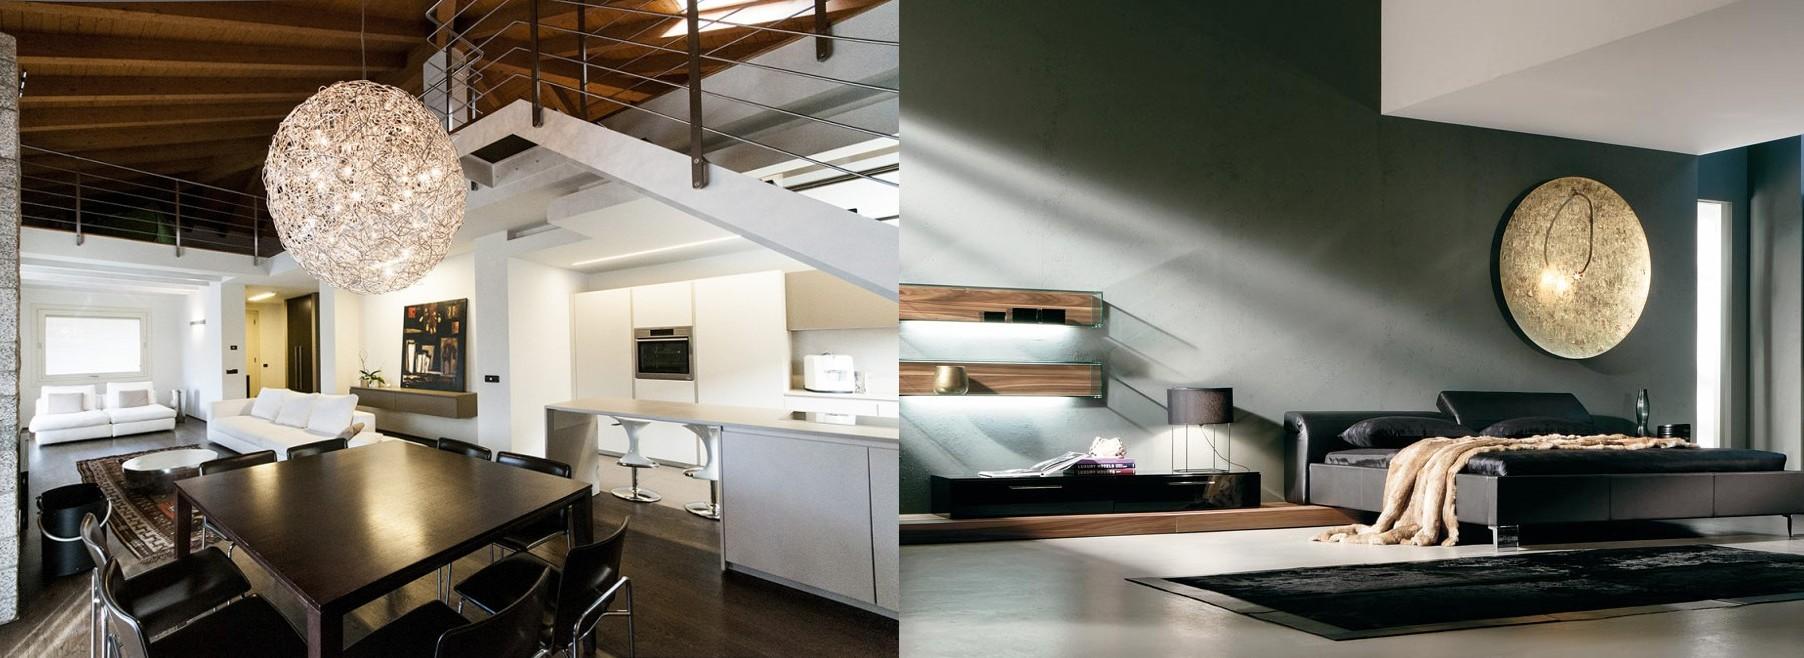 Rocco illuminazione brescia illuminazione per interni ed - Illuminazione design interni ...